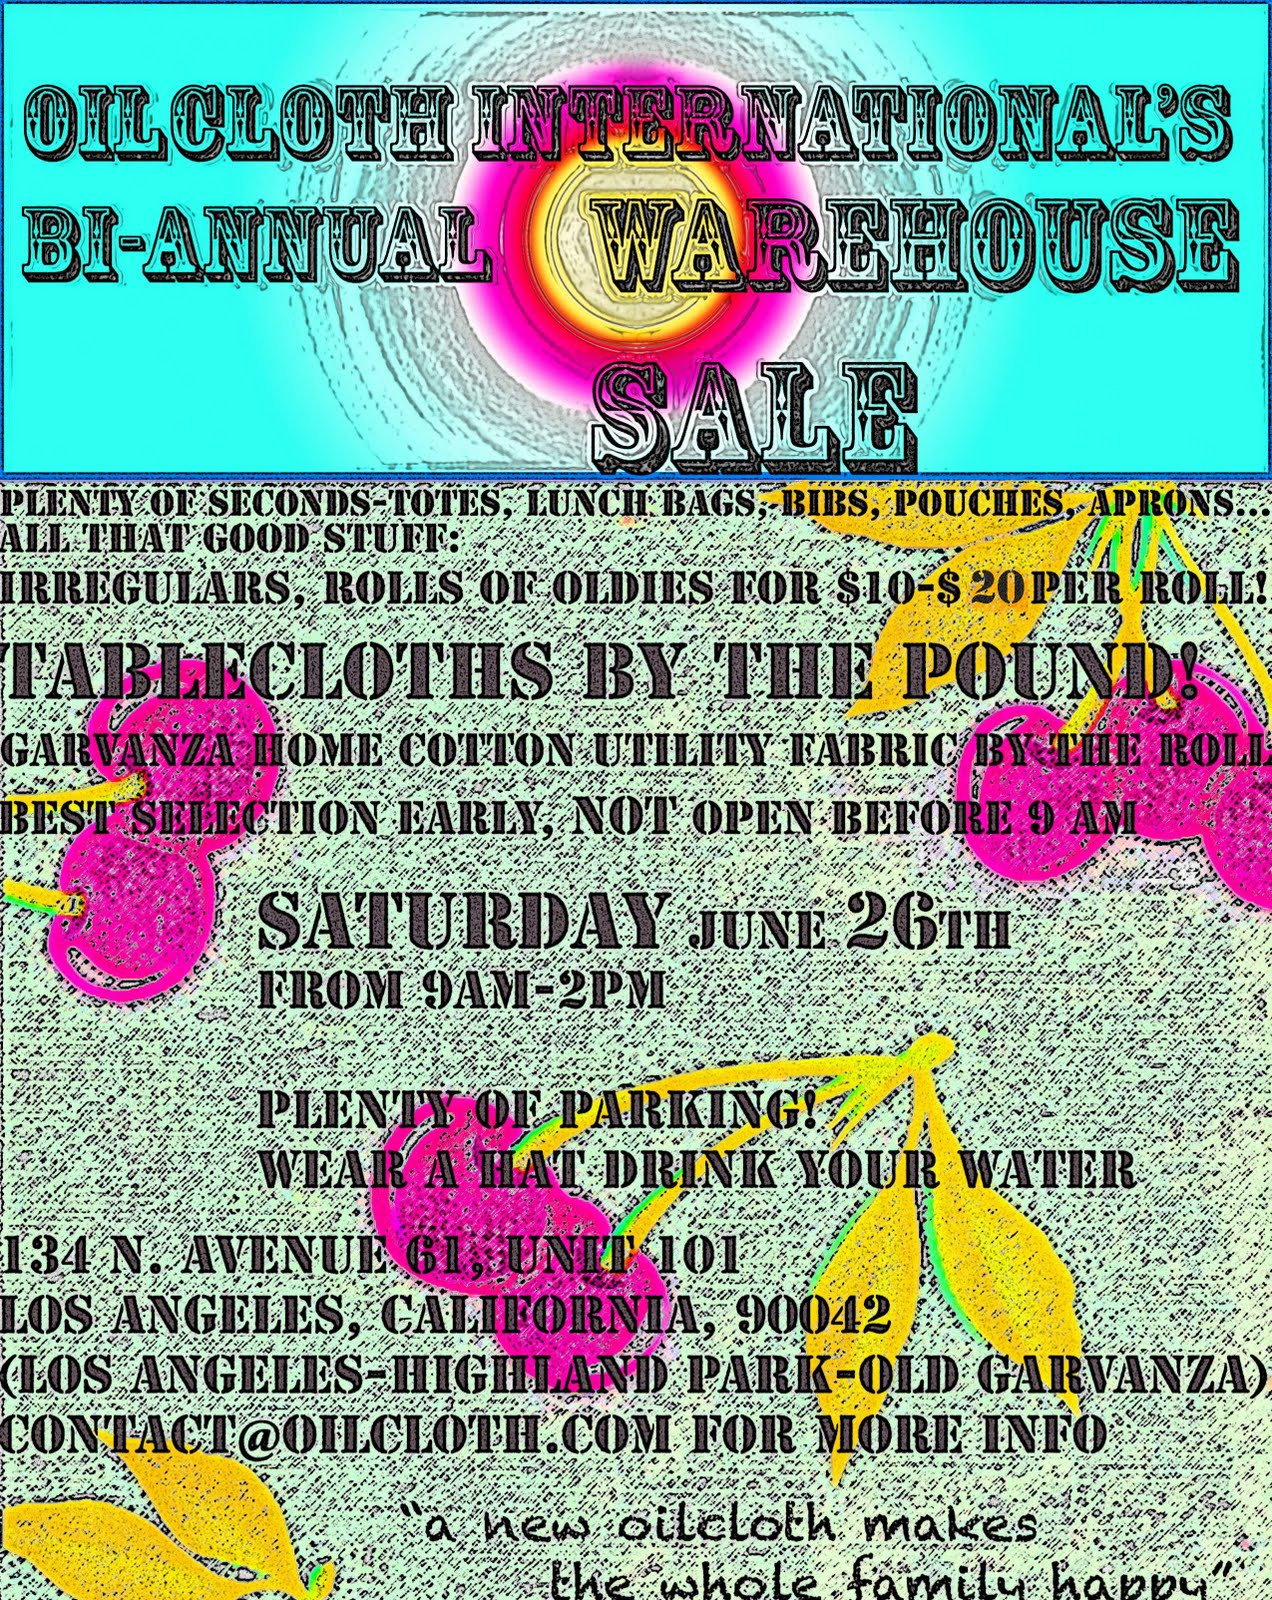 http://2.bp.blogspot.com/_NnozNse-NvU/S_wudxegJ2I/AAAAAAAAAZs/dH_oeq4wyVw/s1600/flyer.jpg